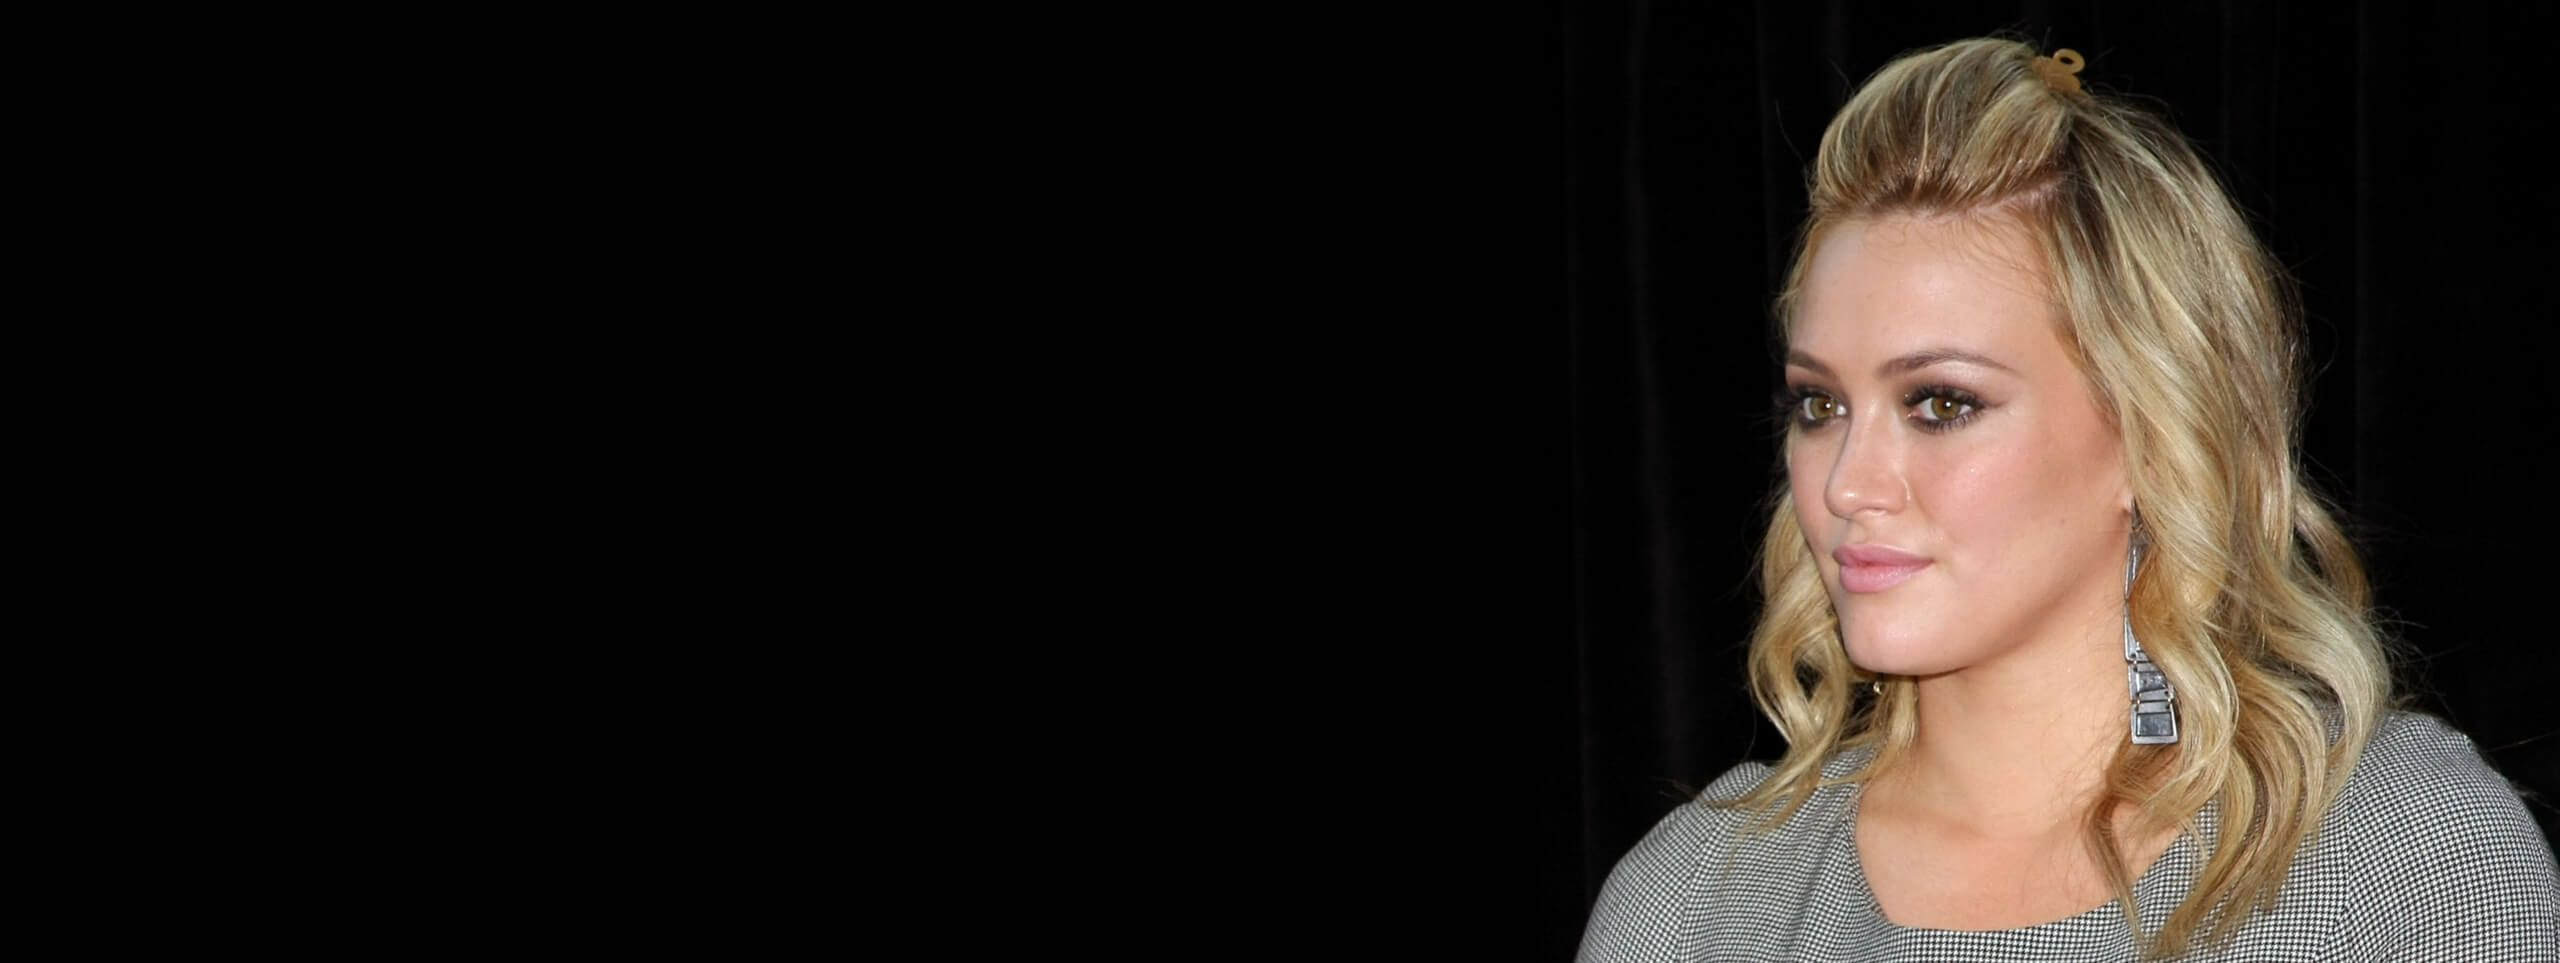 Hilary Duff blonde avec une demie queue